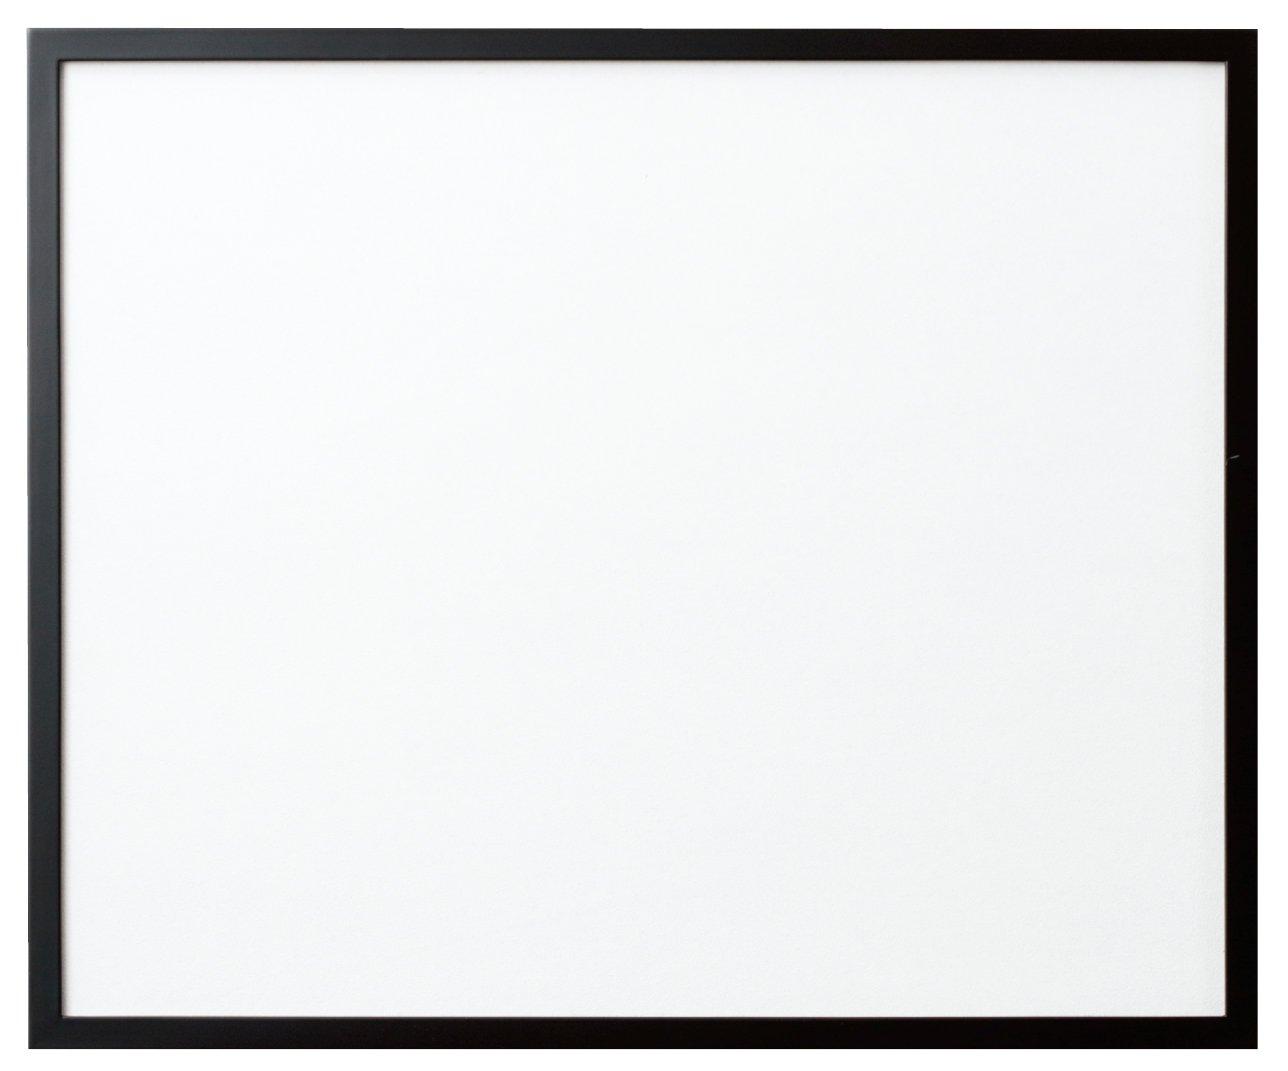 ラーソンジュールニッポン 額縁 D771 黒 全紙 アクリル D771409 B00D0YYVSK 全紙|黒 黒 全紙